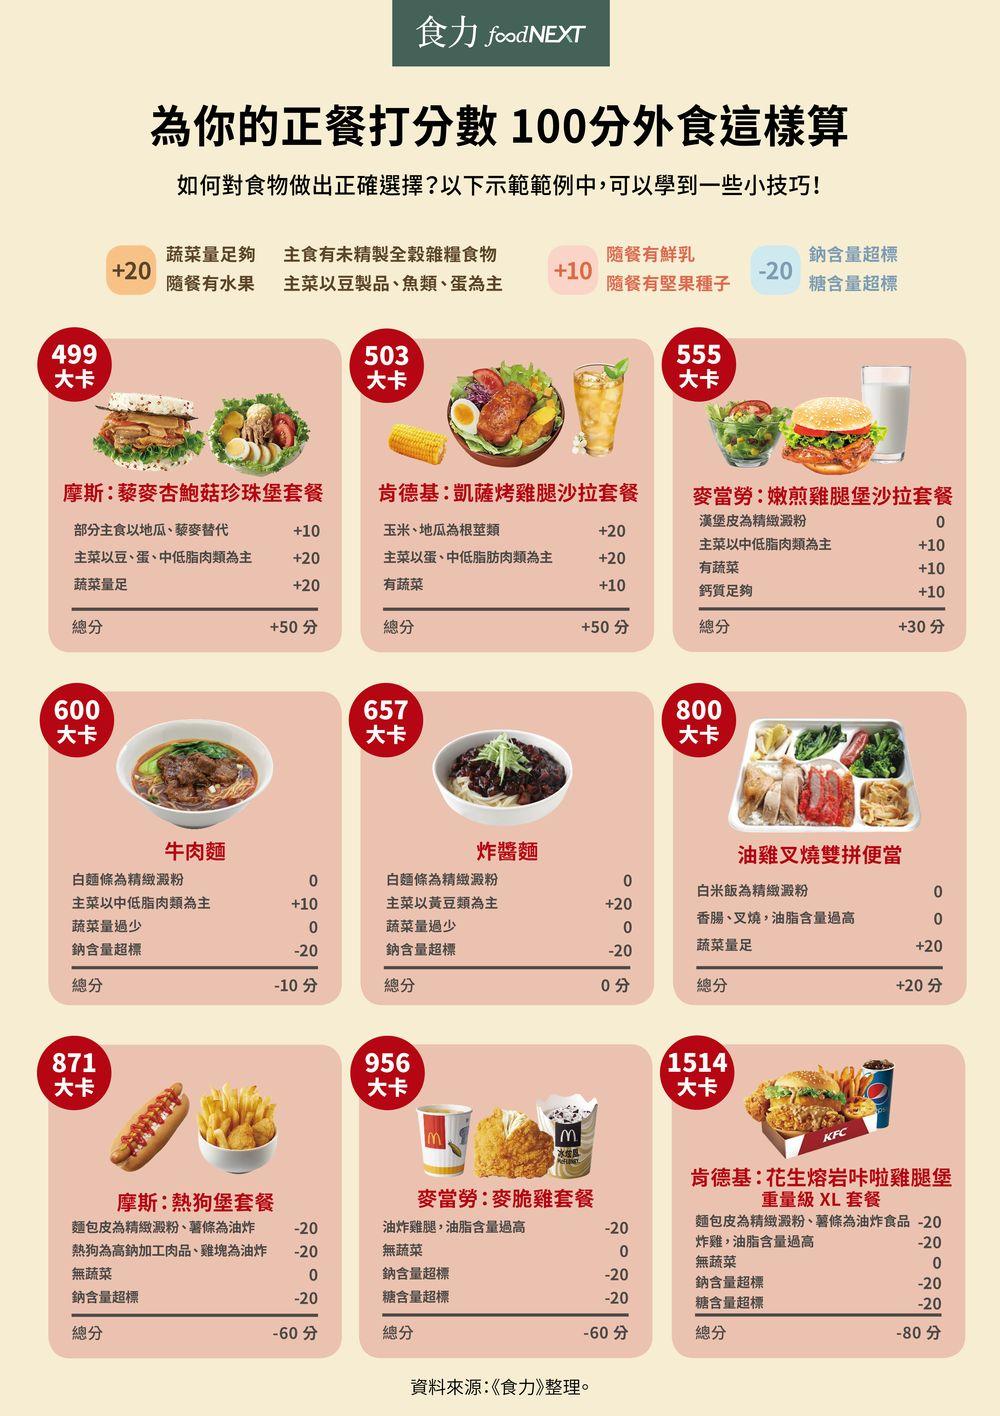 垃圾食物等於速食?漢堡其實還算營養? – 媽媽經 專屬於媽媽的網站